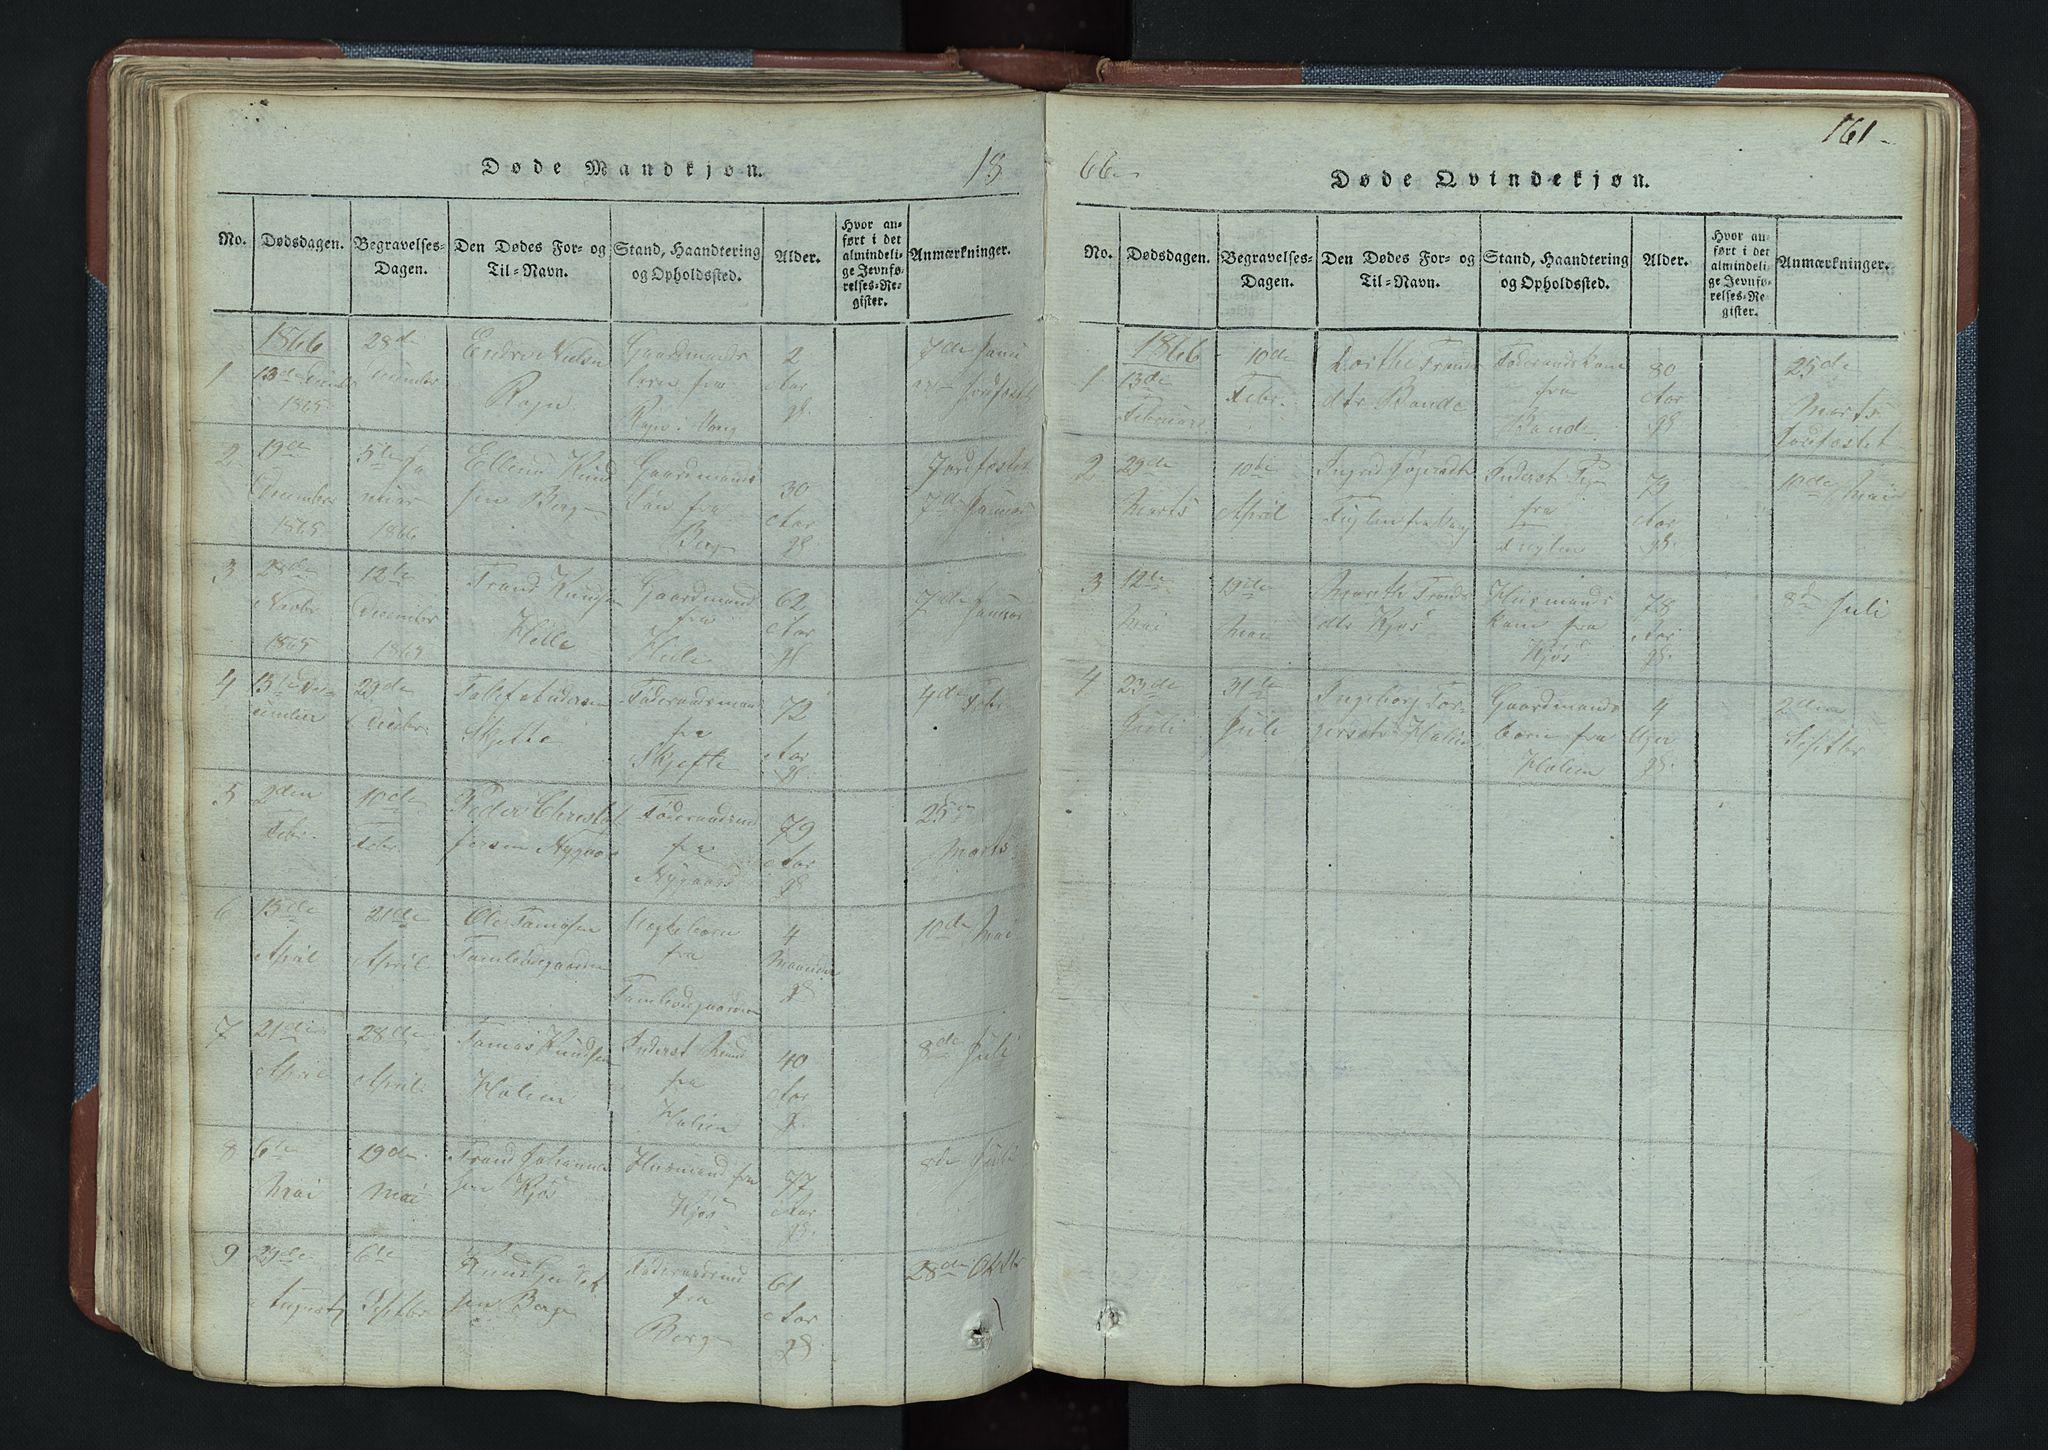 SAH, Vang prestekontor, Valdres, Klokkerbok nr. 3, 1814-1892, s. 161